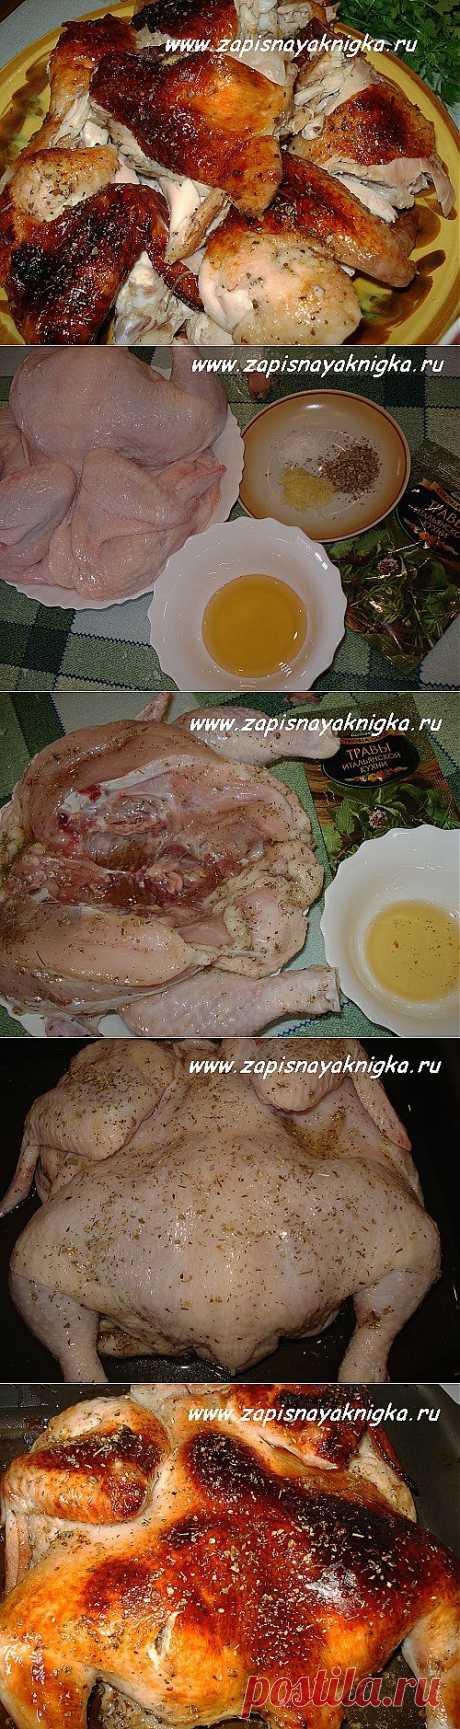 курица в духовке с медом   Записная книжка рецептов Анюты